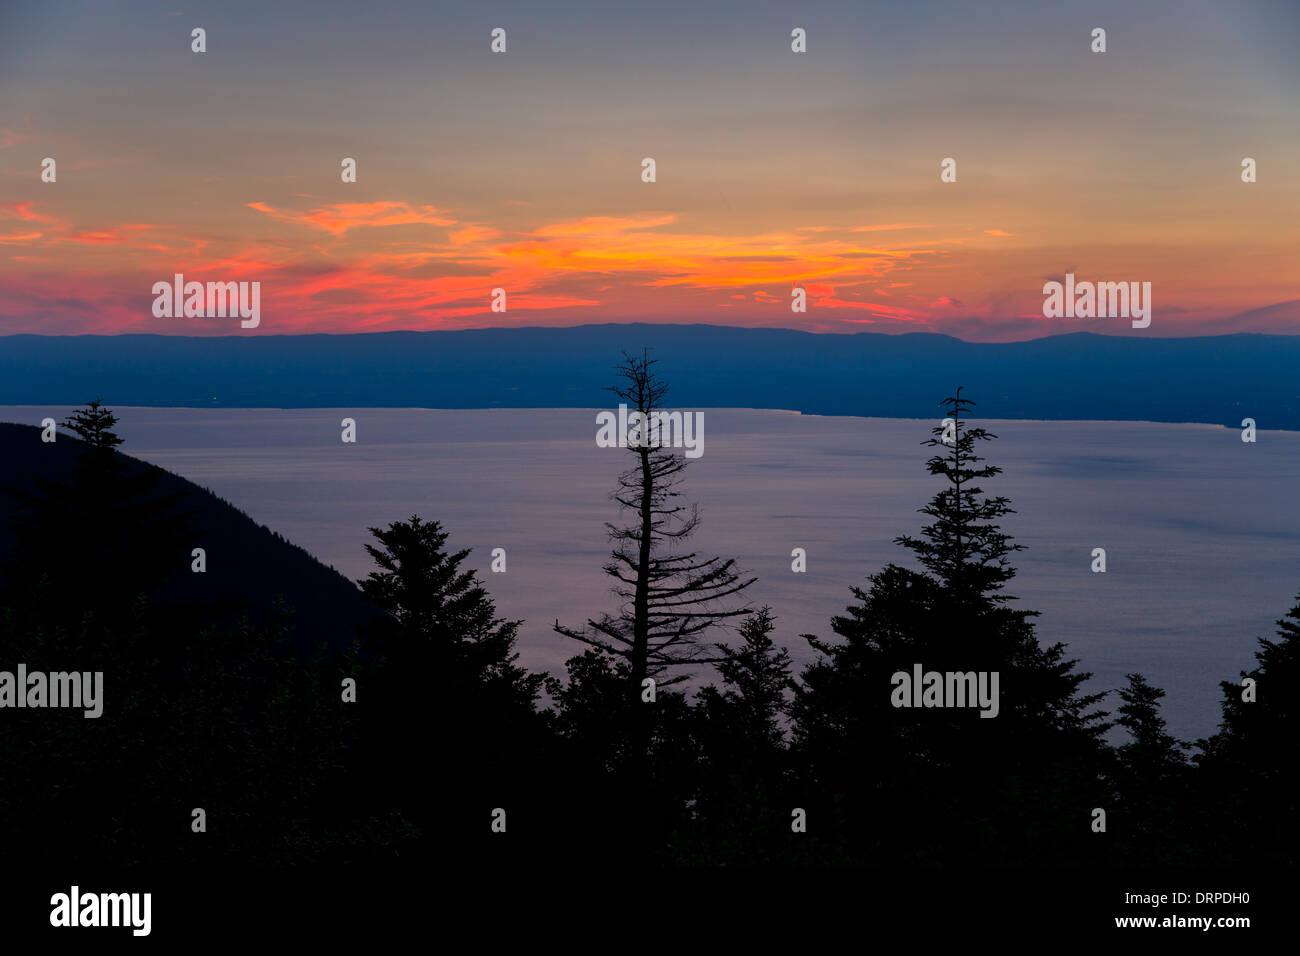 Sunset over Lac Leman, Lake Geneva, France looking towards Switzerland - Stock Image